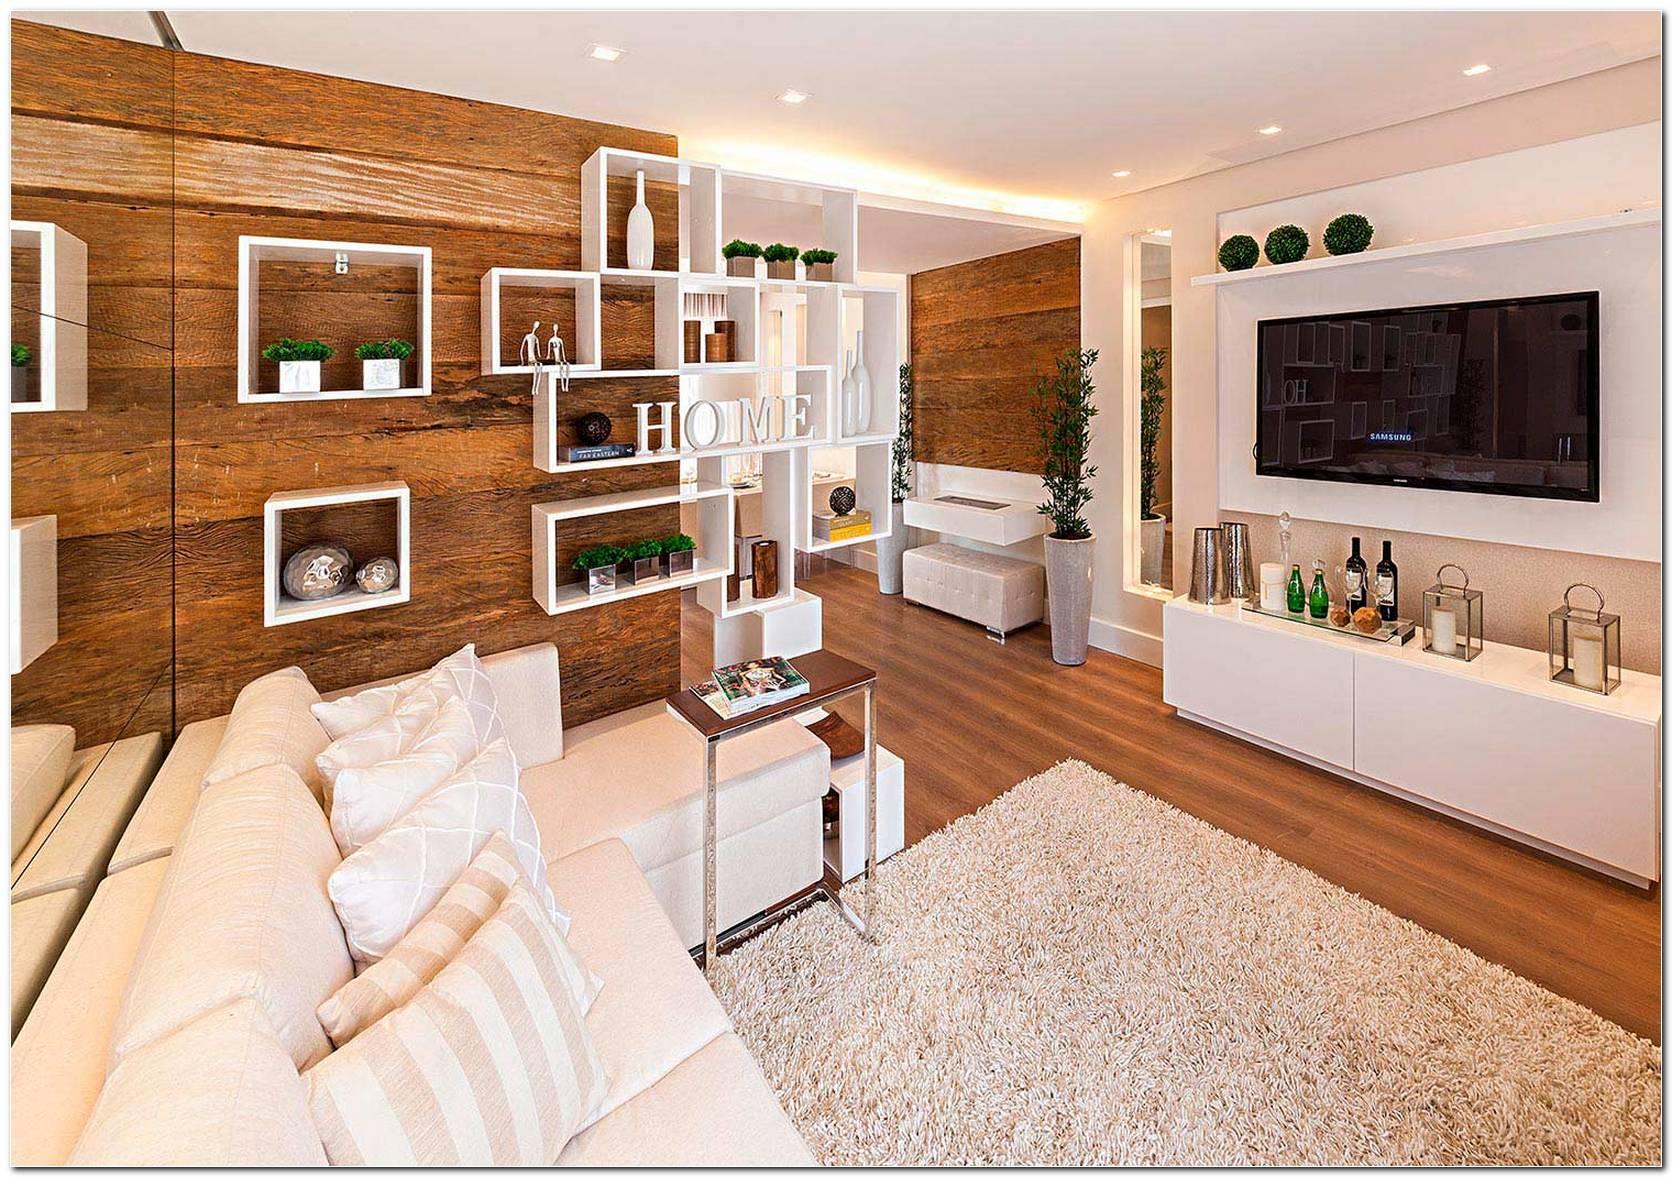 Salas De Tv Em Apartamento